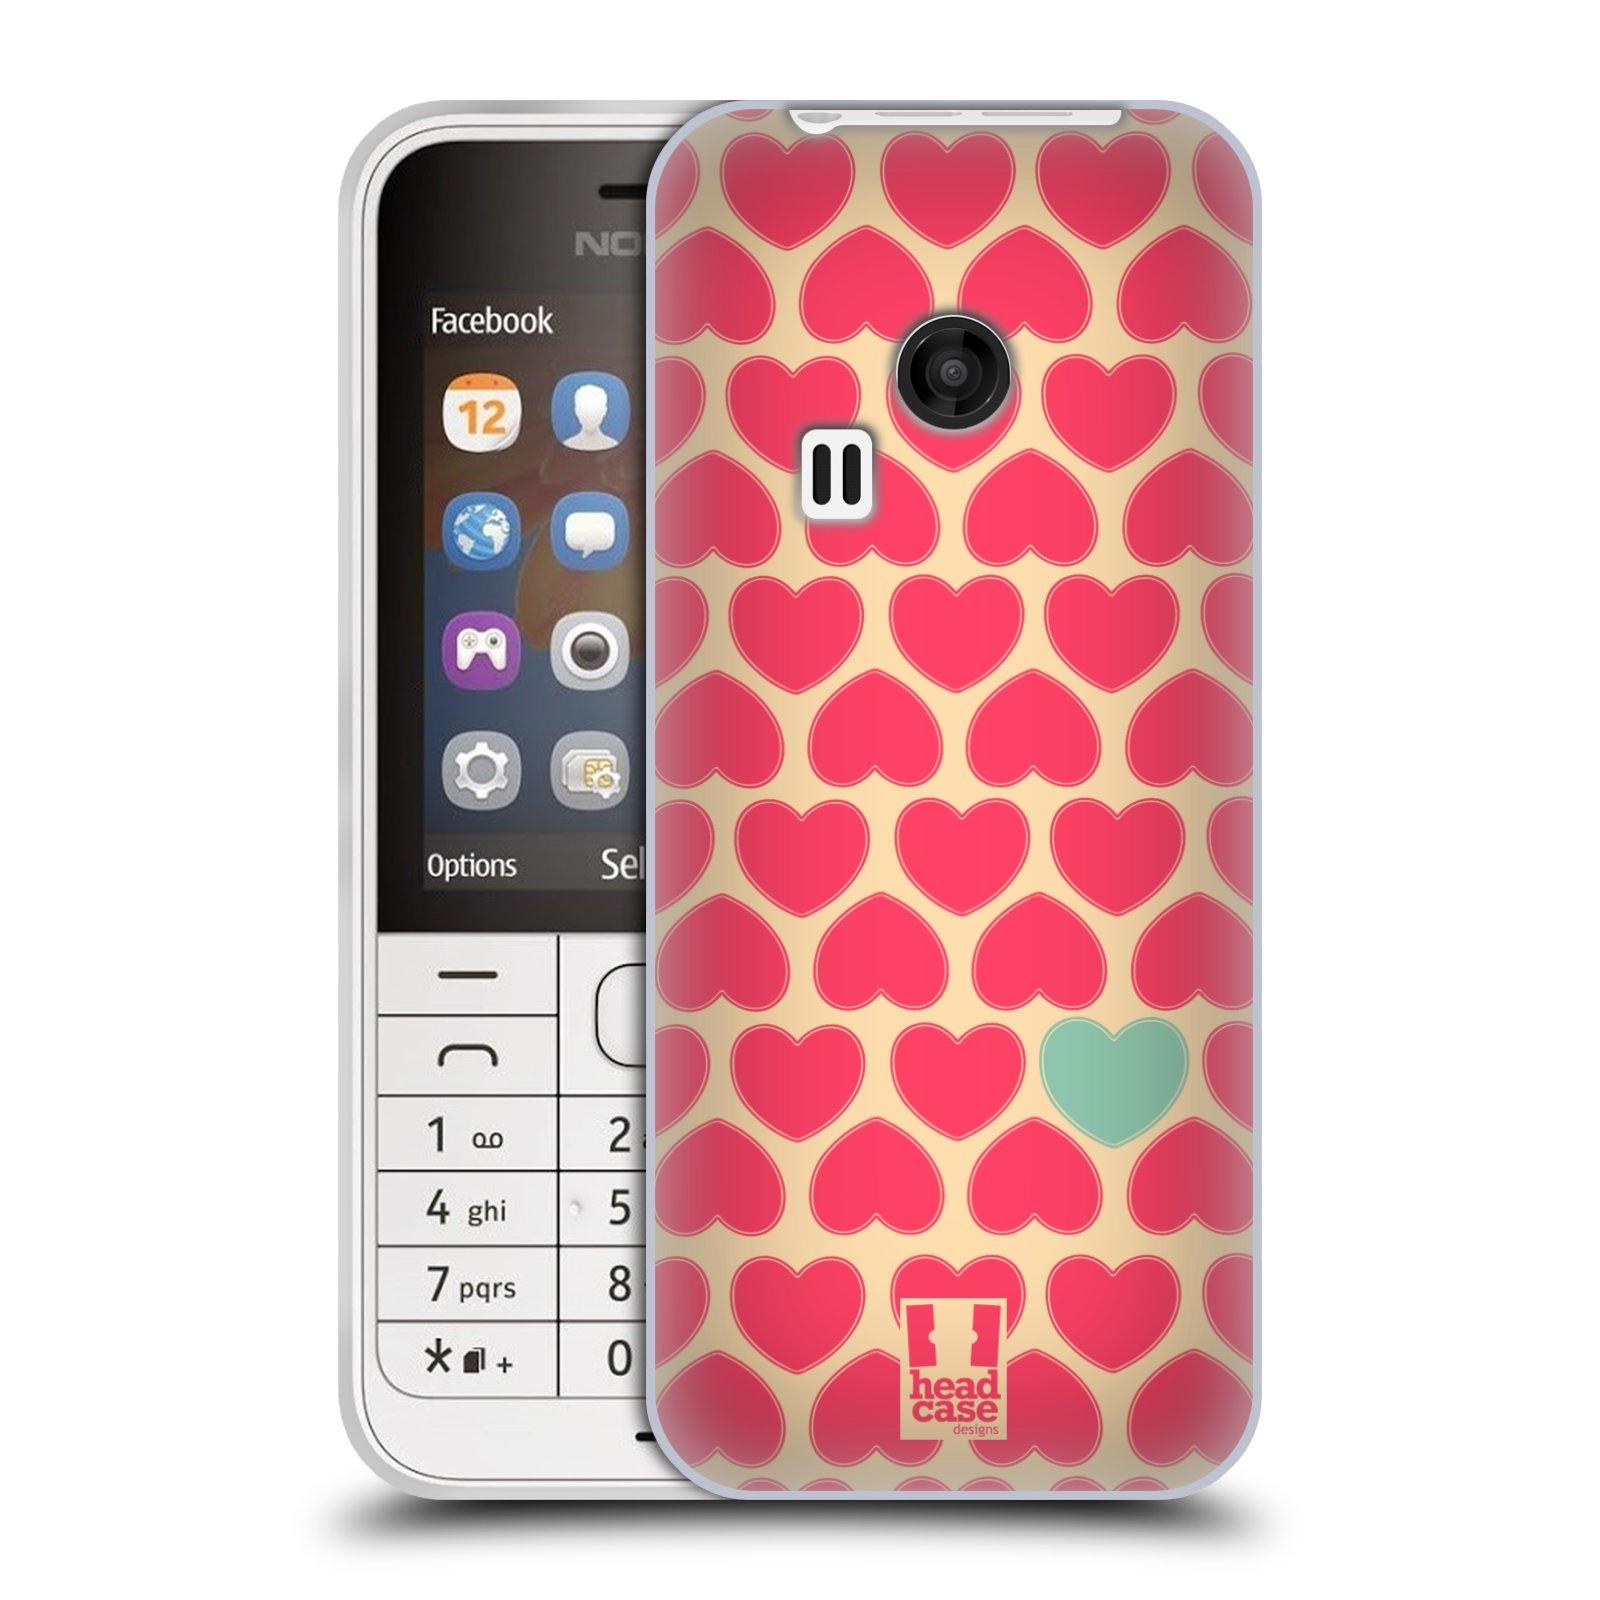 Silikonové pouzdro na mobil Nokia 220 HEAD CASE SRDÍČKA RŮŽOVÁ (Silikonový kryt či obal na mobilní telefon Nokia 220 a 220 Dual SIM)